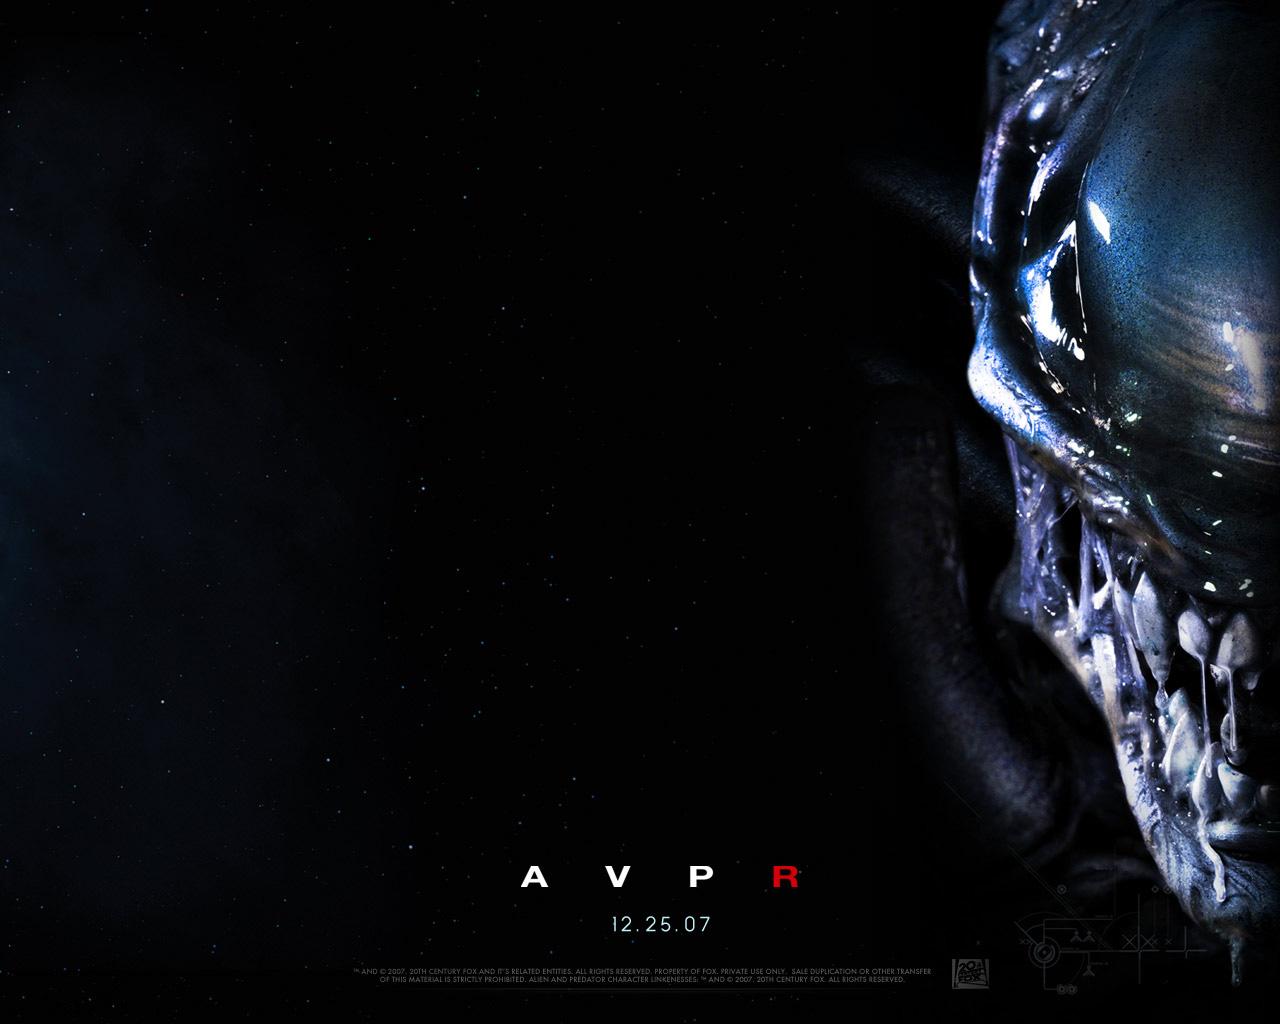 AVP Alien Wallpapers AVP Alien HD Wallpapers AVP Alien 1280x1024